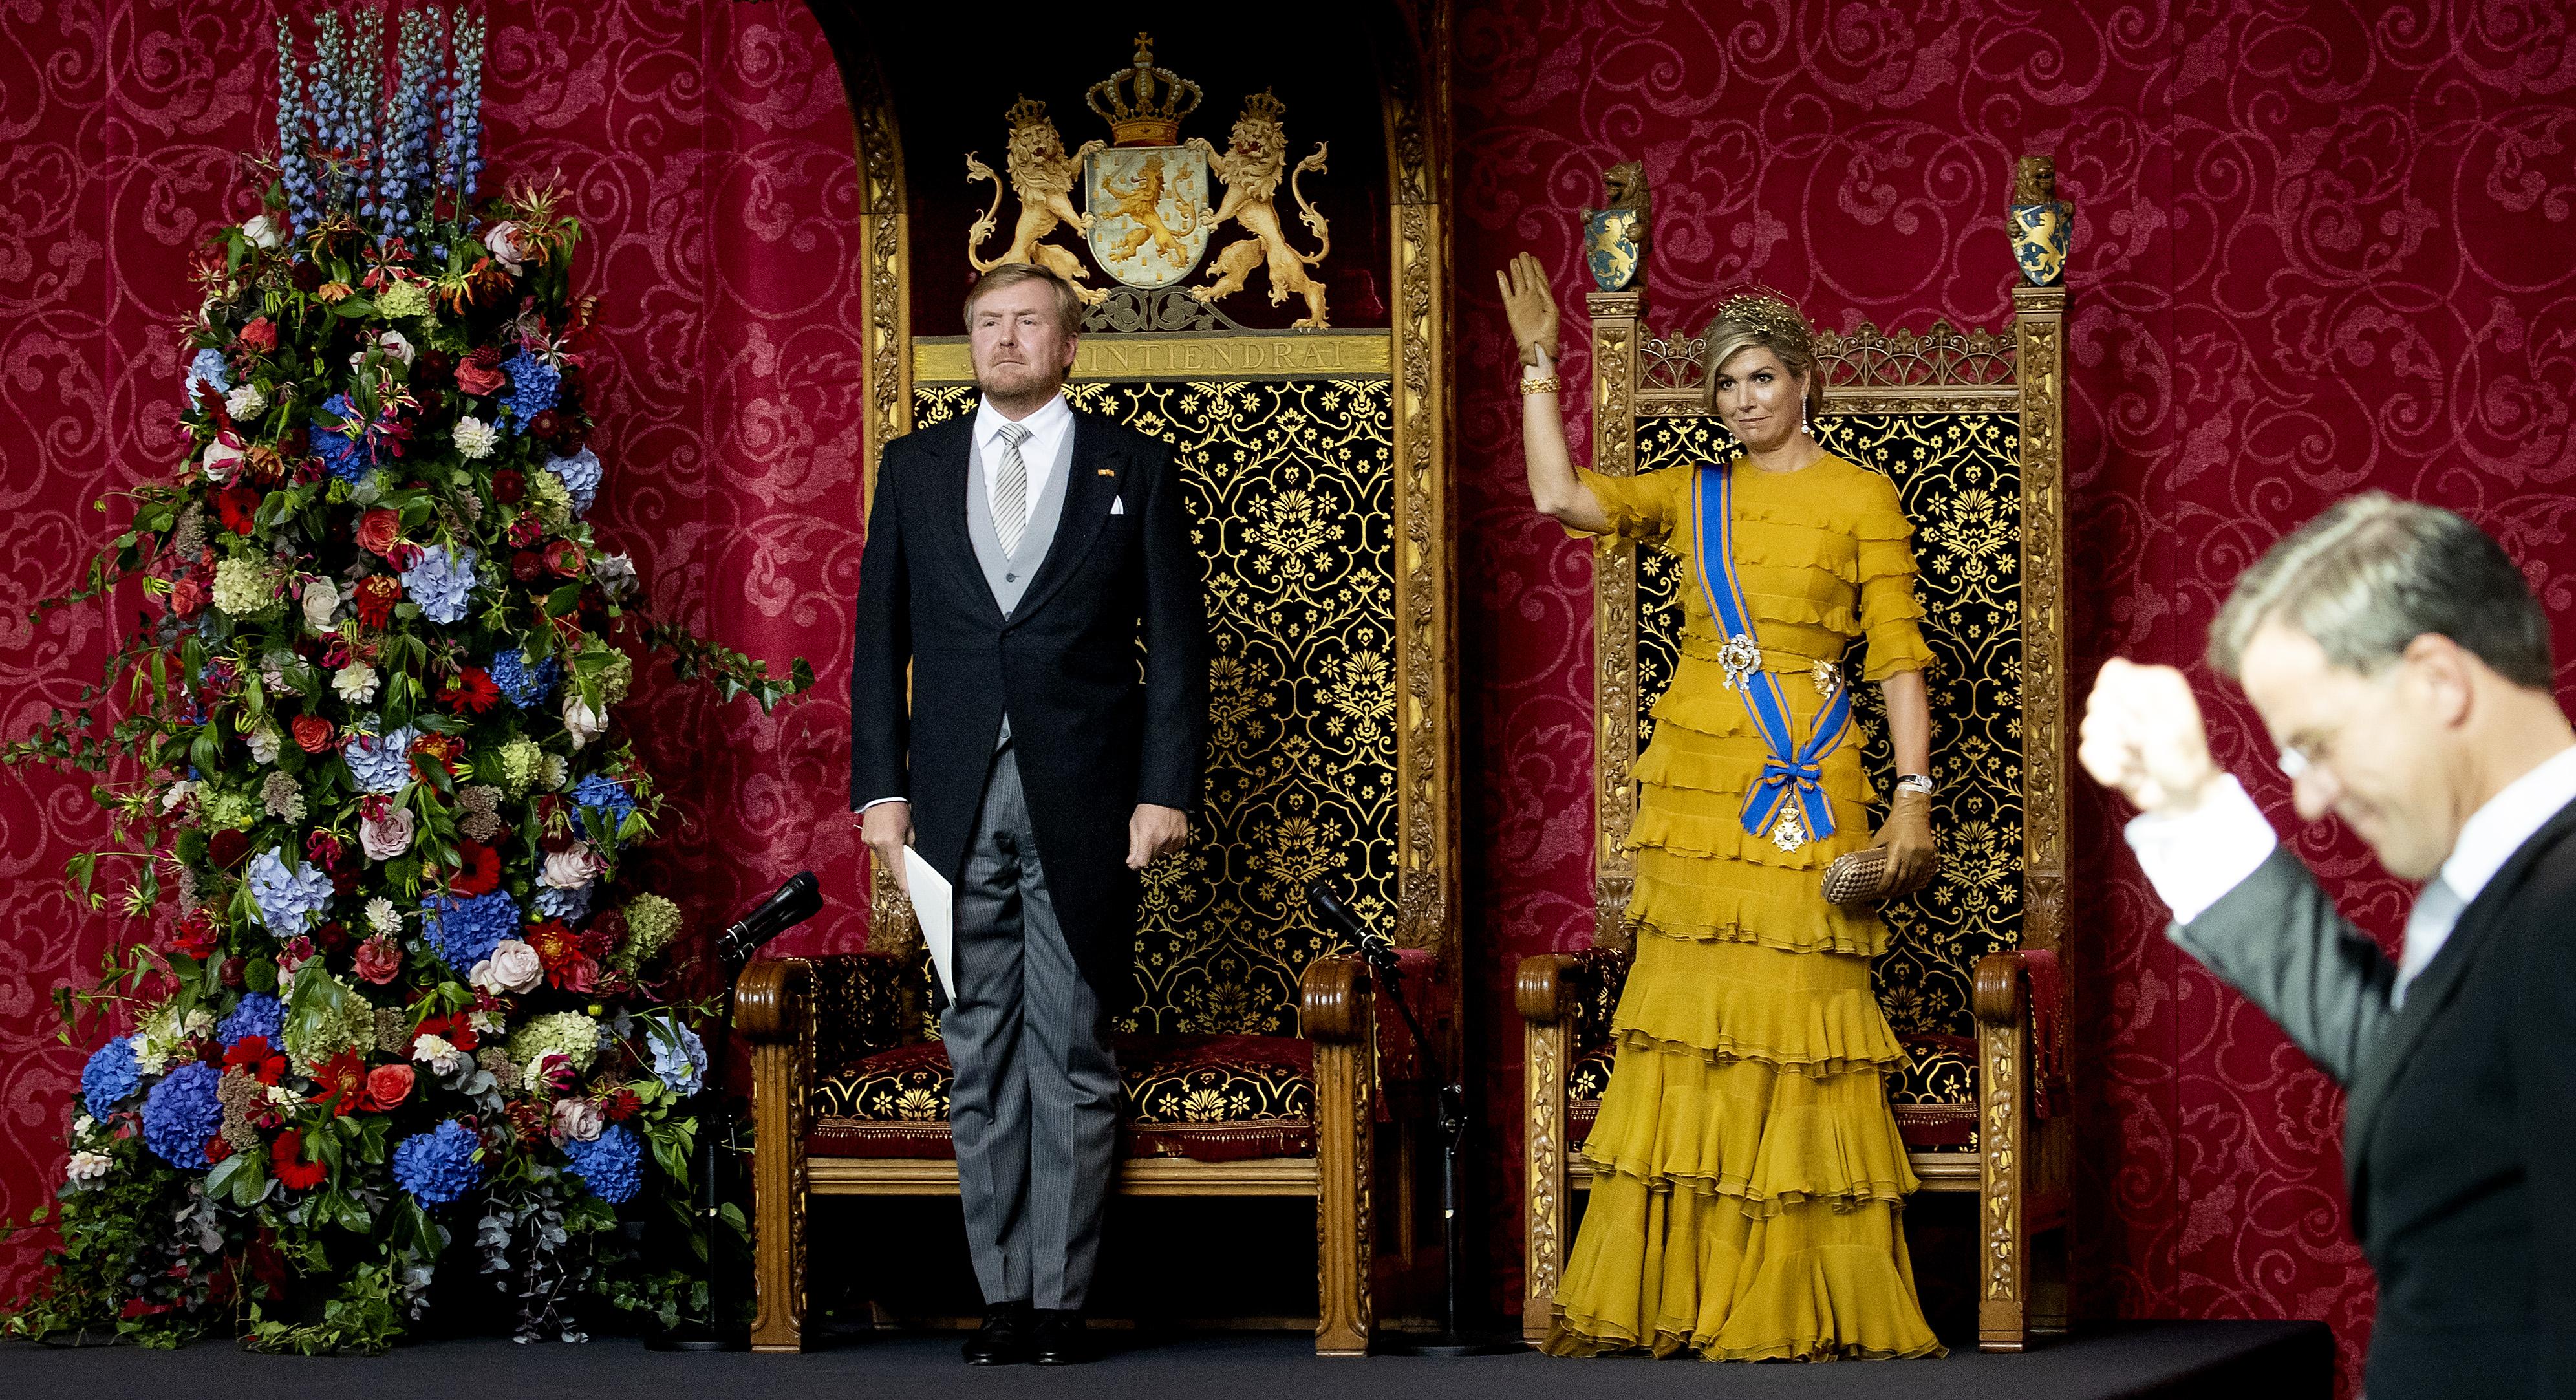 Een foto van Willem-Alexander en Máxima tijdens de Troonrede